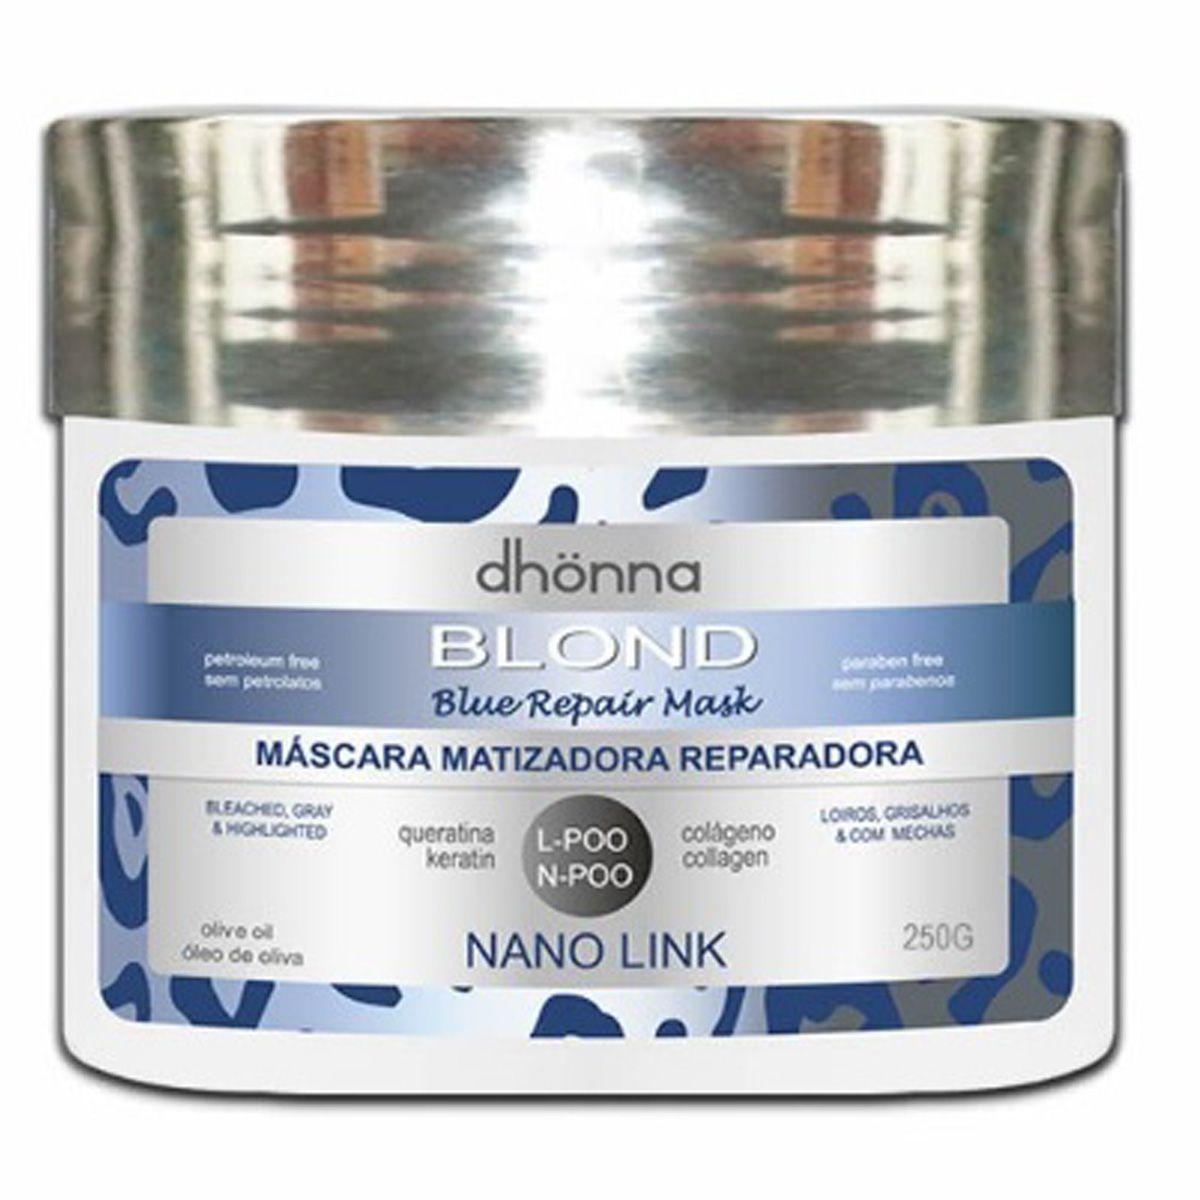 Dhonna - Blond - Máscara Matizadora - 250g